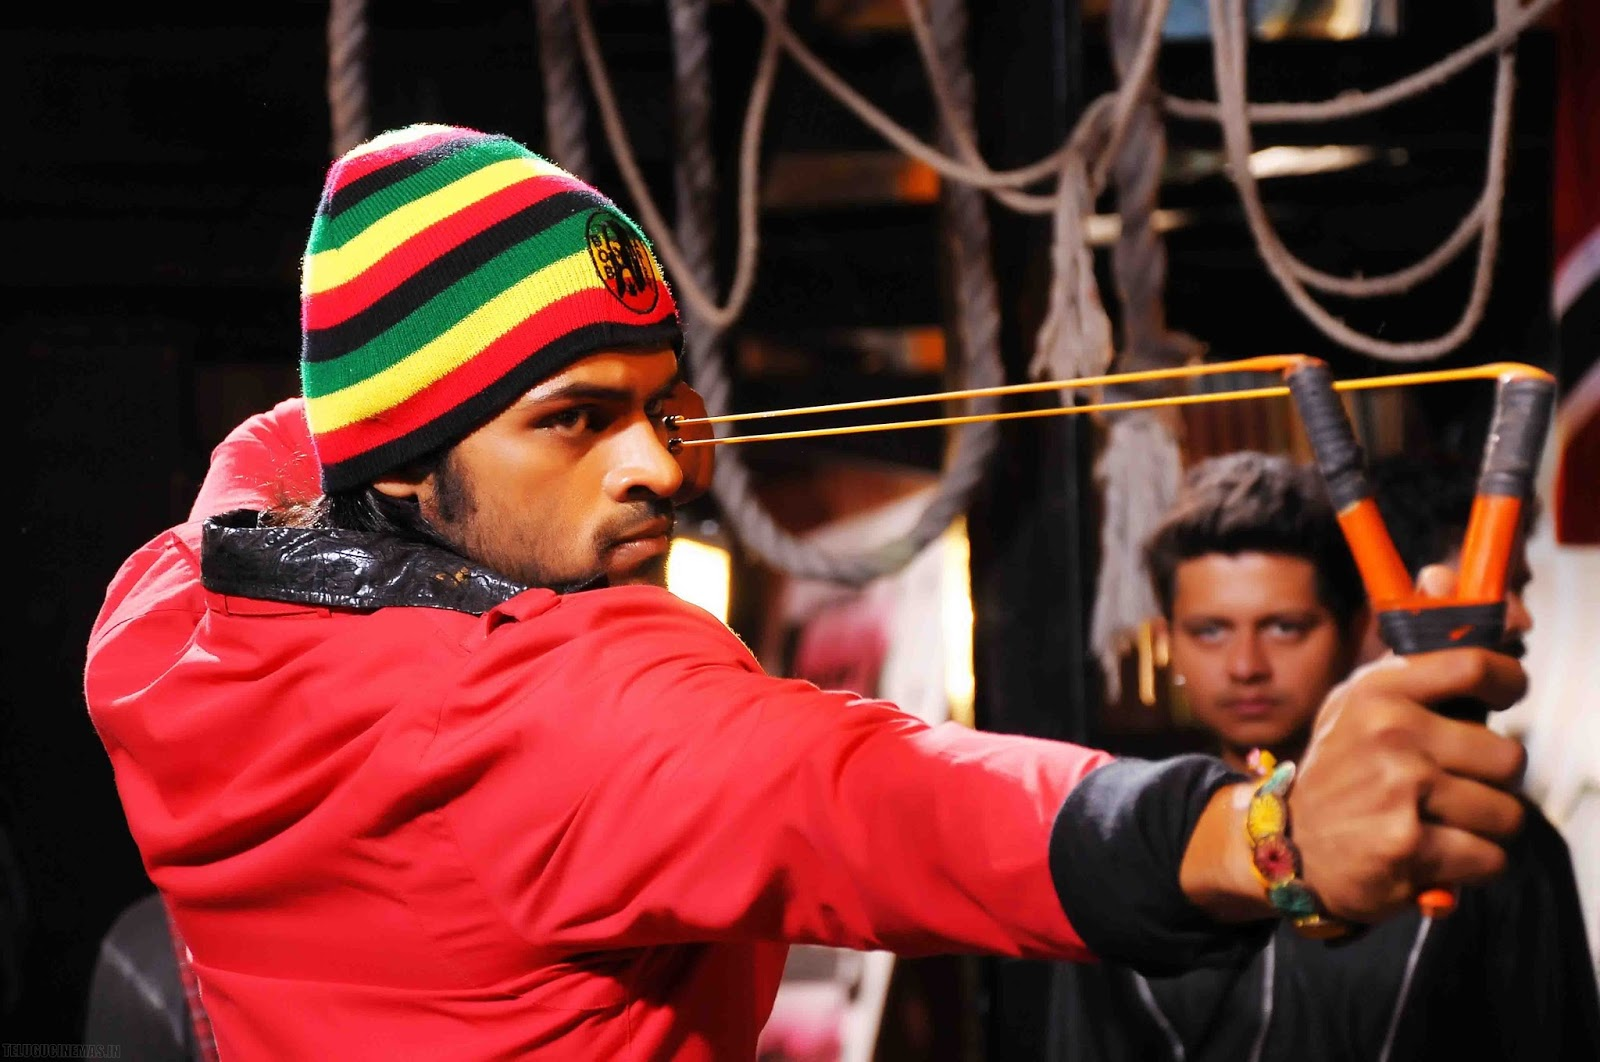 Rey Postponed to Feb 2 Due To Yevadu Release -Telugucinemas.in